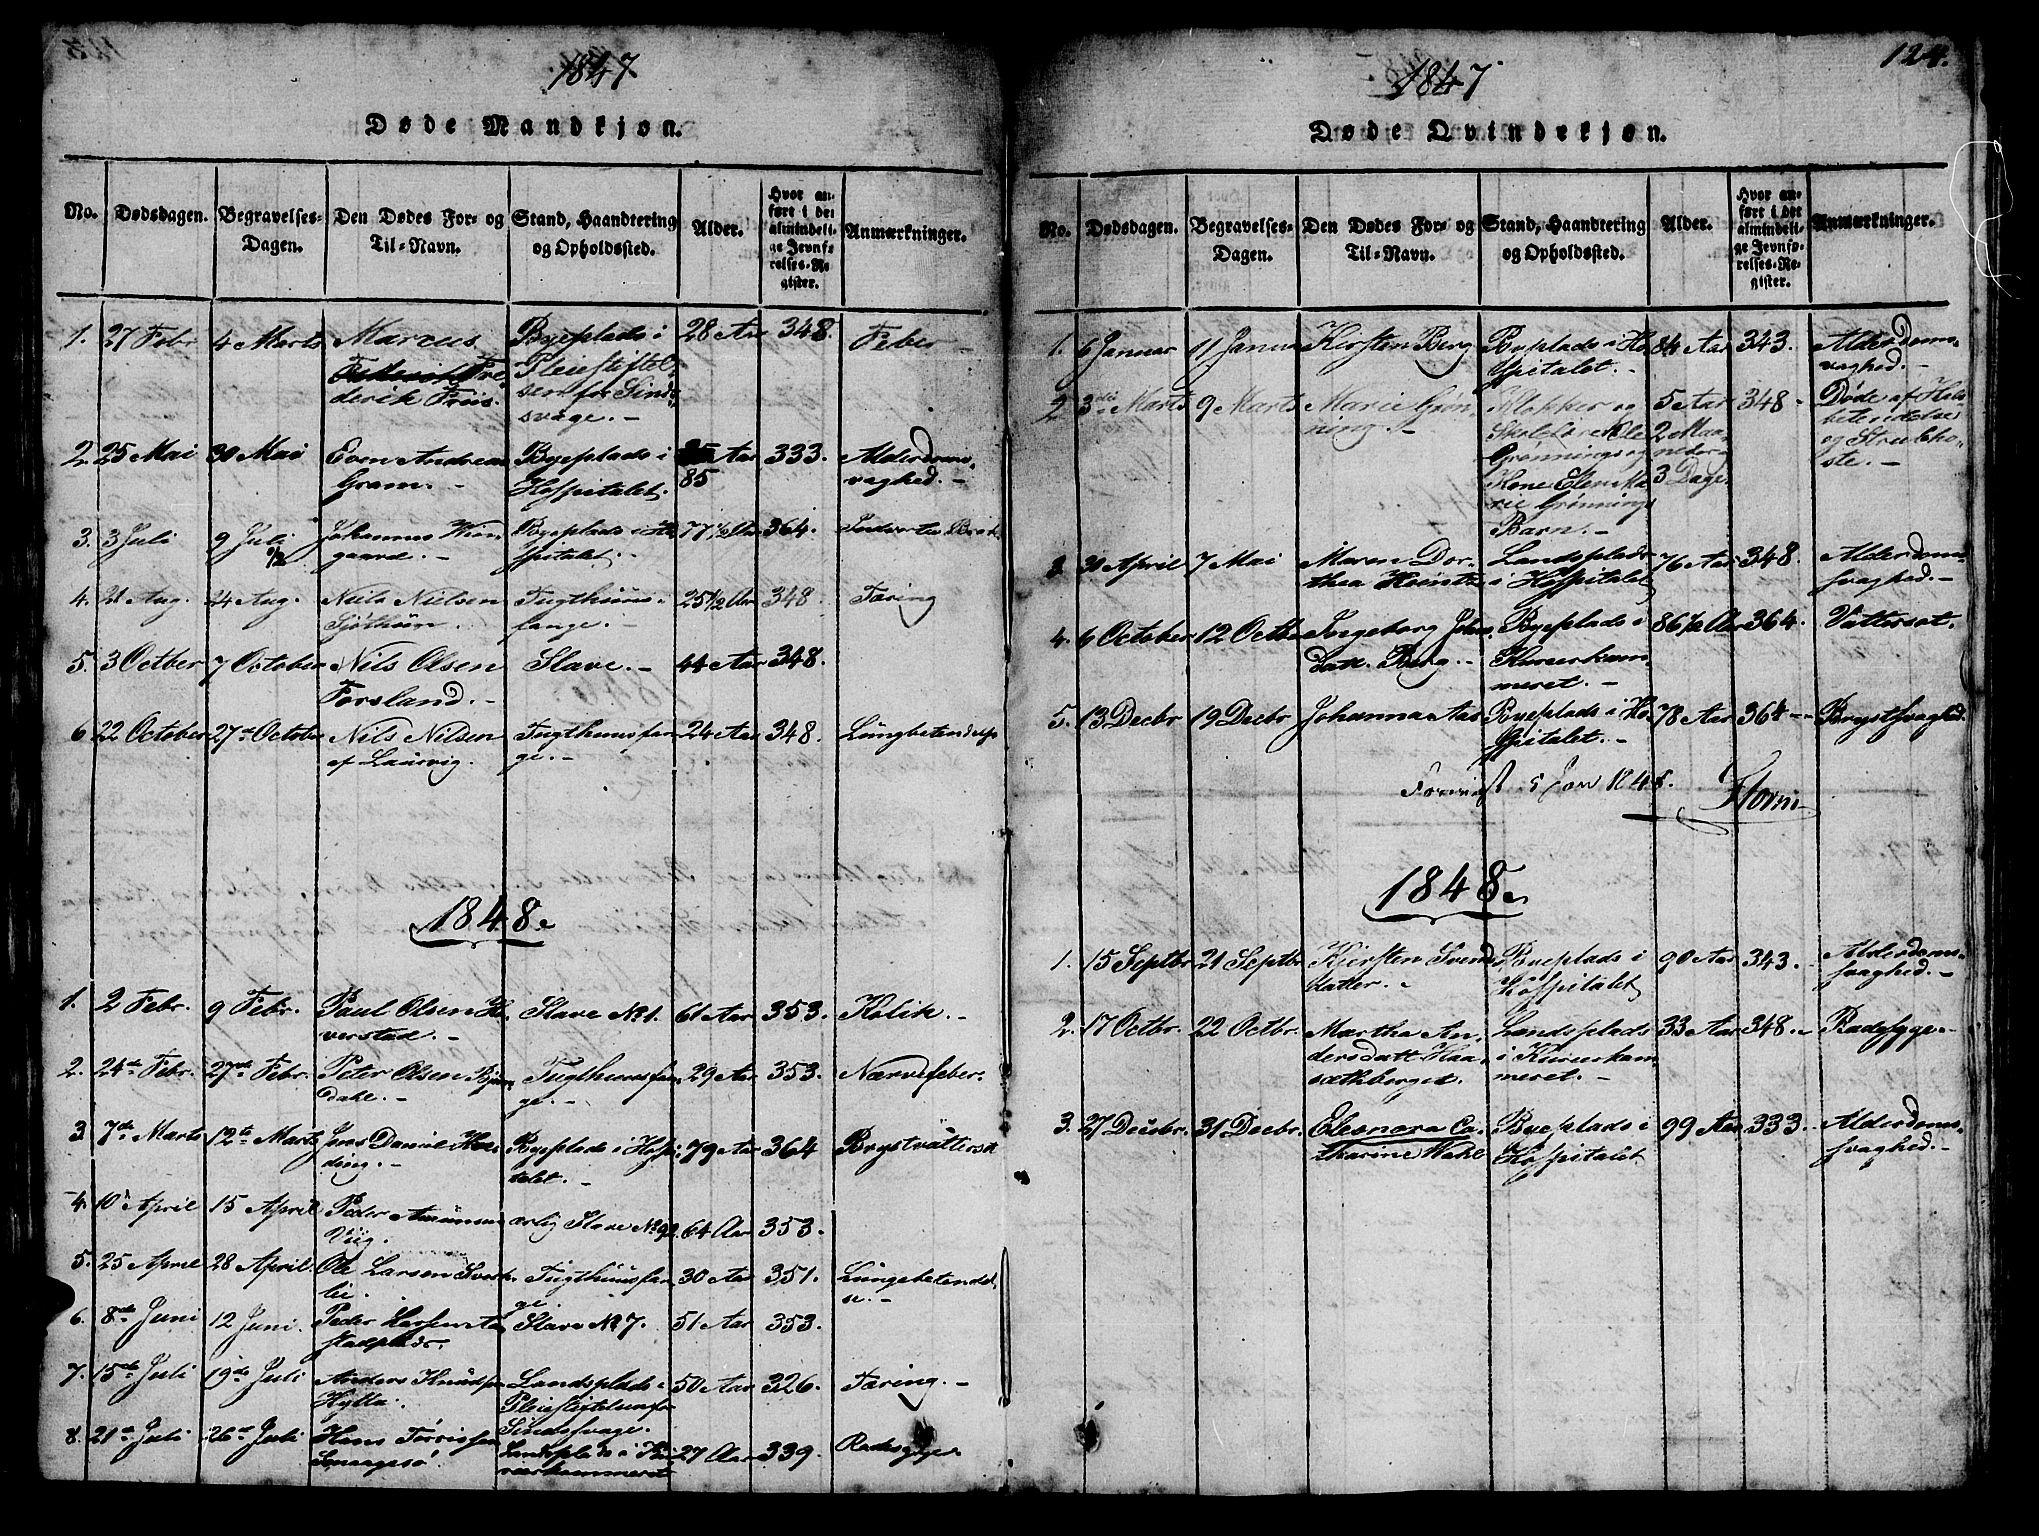 SAT, Ministerialprotokoller, klokkerbøker og fødselsregistre - Sør-Trøndelag, 623/L0478: Klokkerbok nr. 623C01, 1815-1873, s. 124